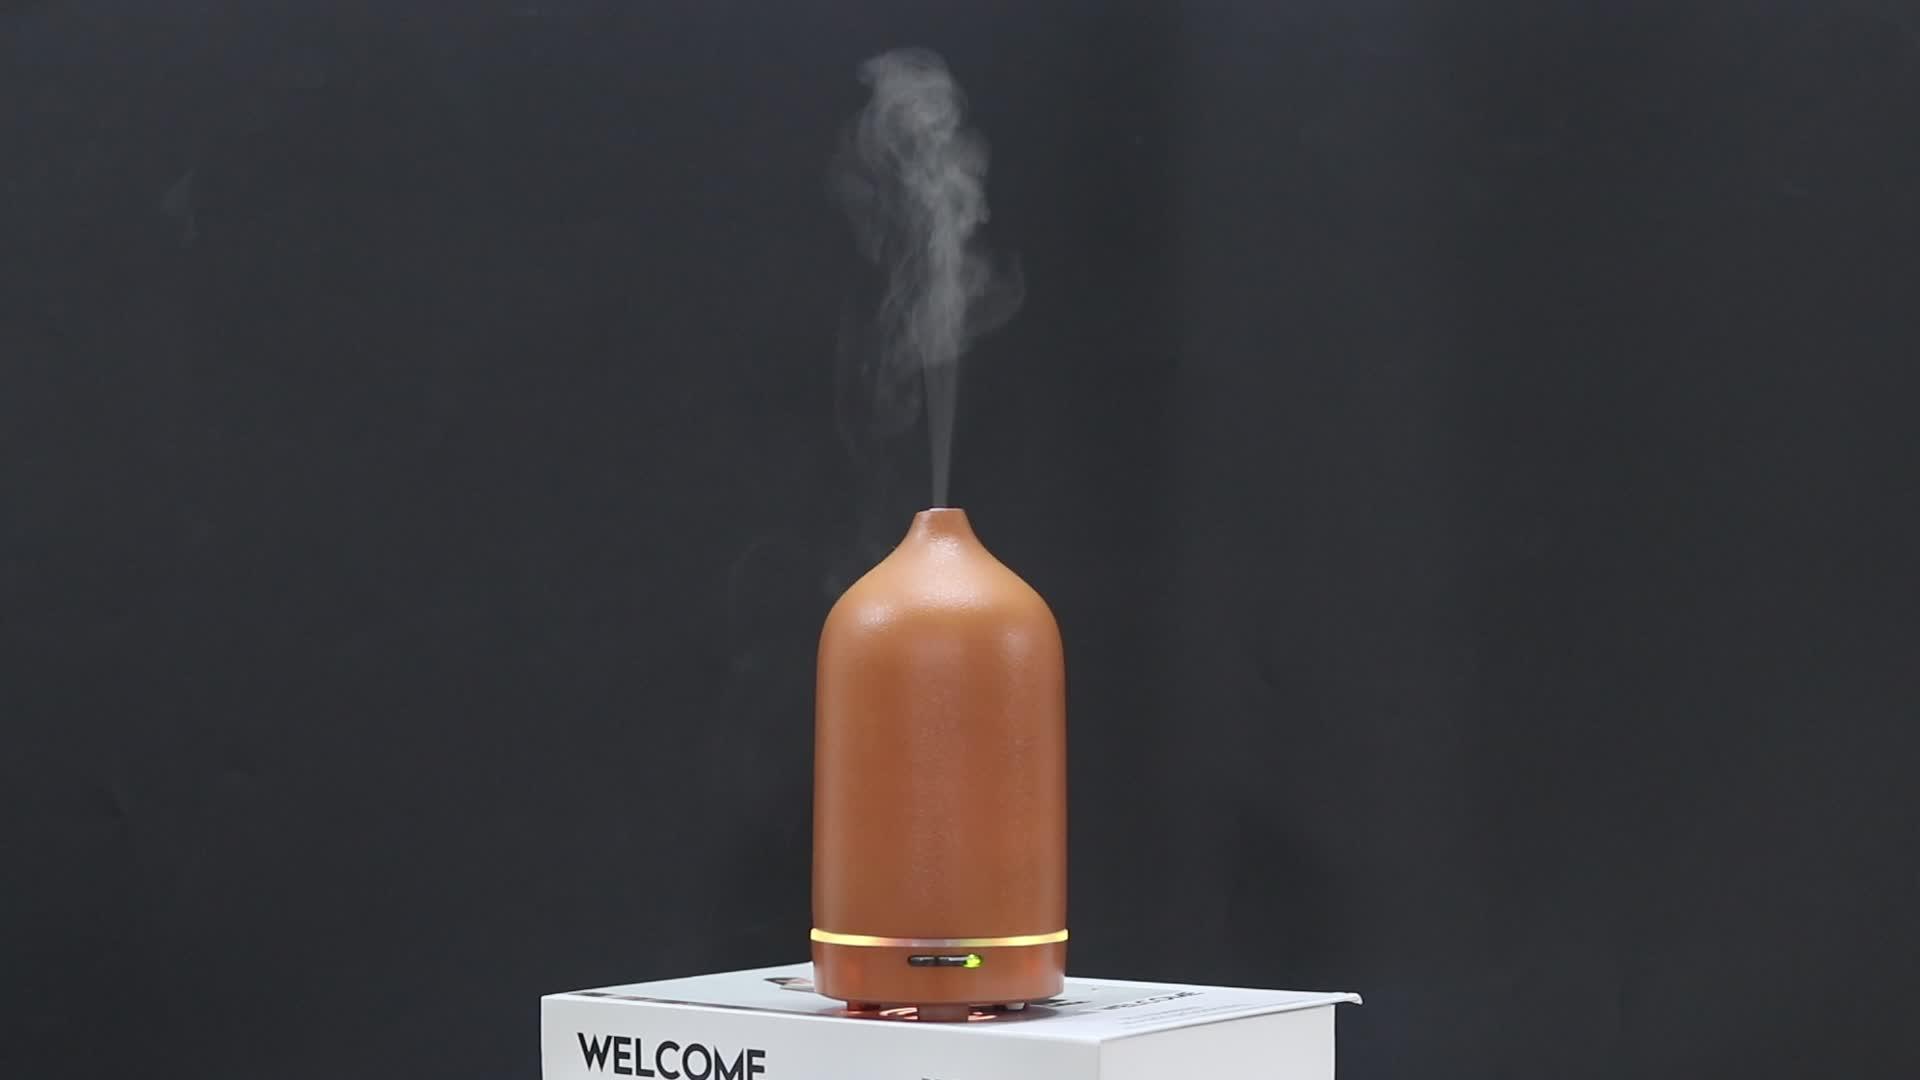 2019 المنزل السيراميك ناشر رائحة بالموجات فوق الصوتية مع مصباح ليد زيت طبيعي العطور الناشر